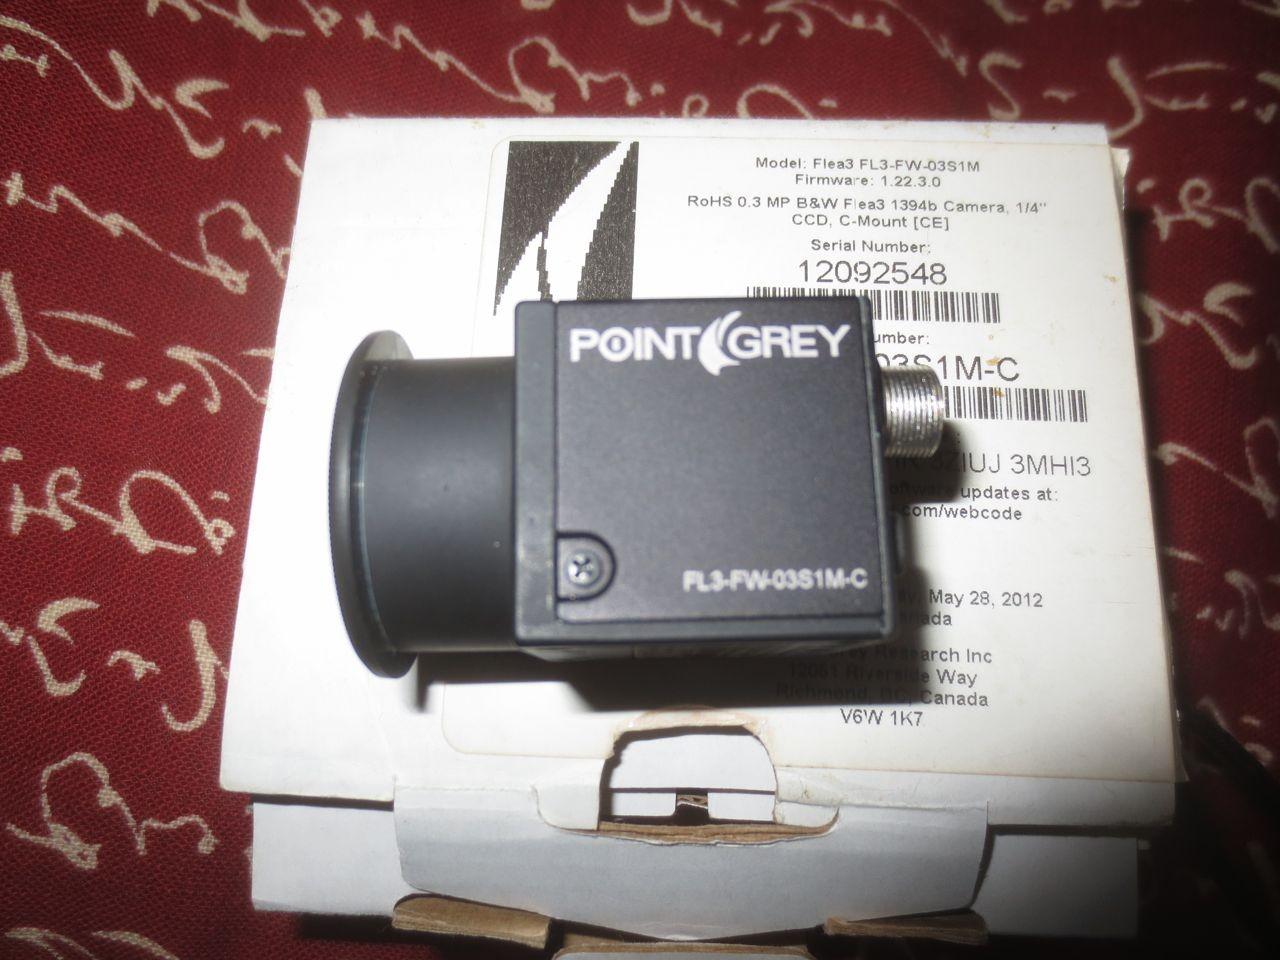 POINT GREY FLEA 3 MONO MODEL FLEA 3 FL3-FW-03S1M PART # FL3